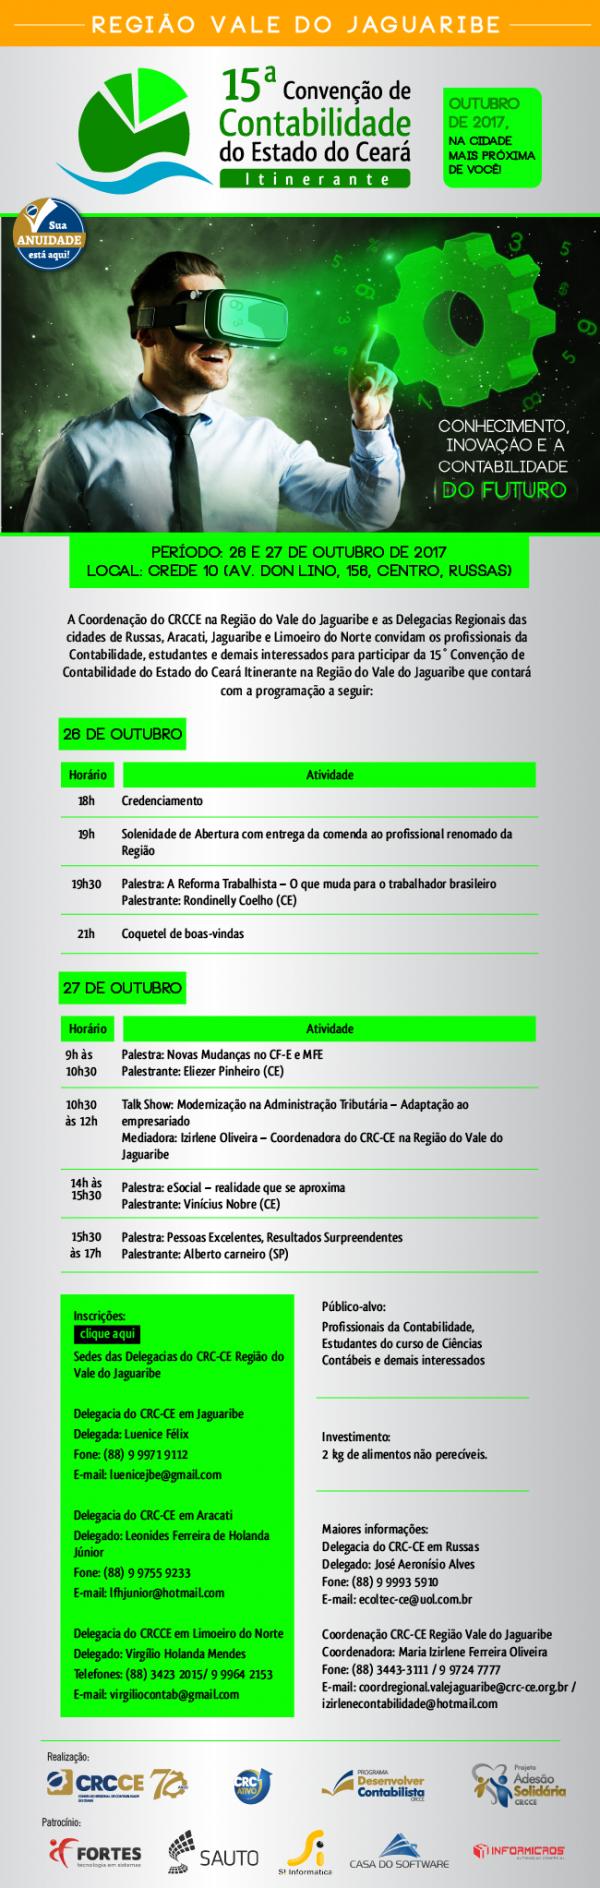 al4-emkt-15convencao-vale-jaguaribe-jun17-01